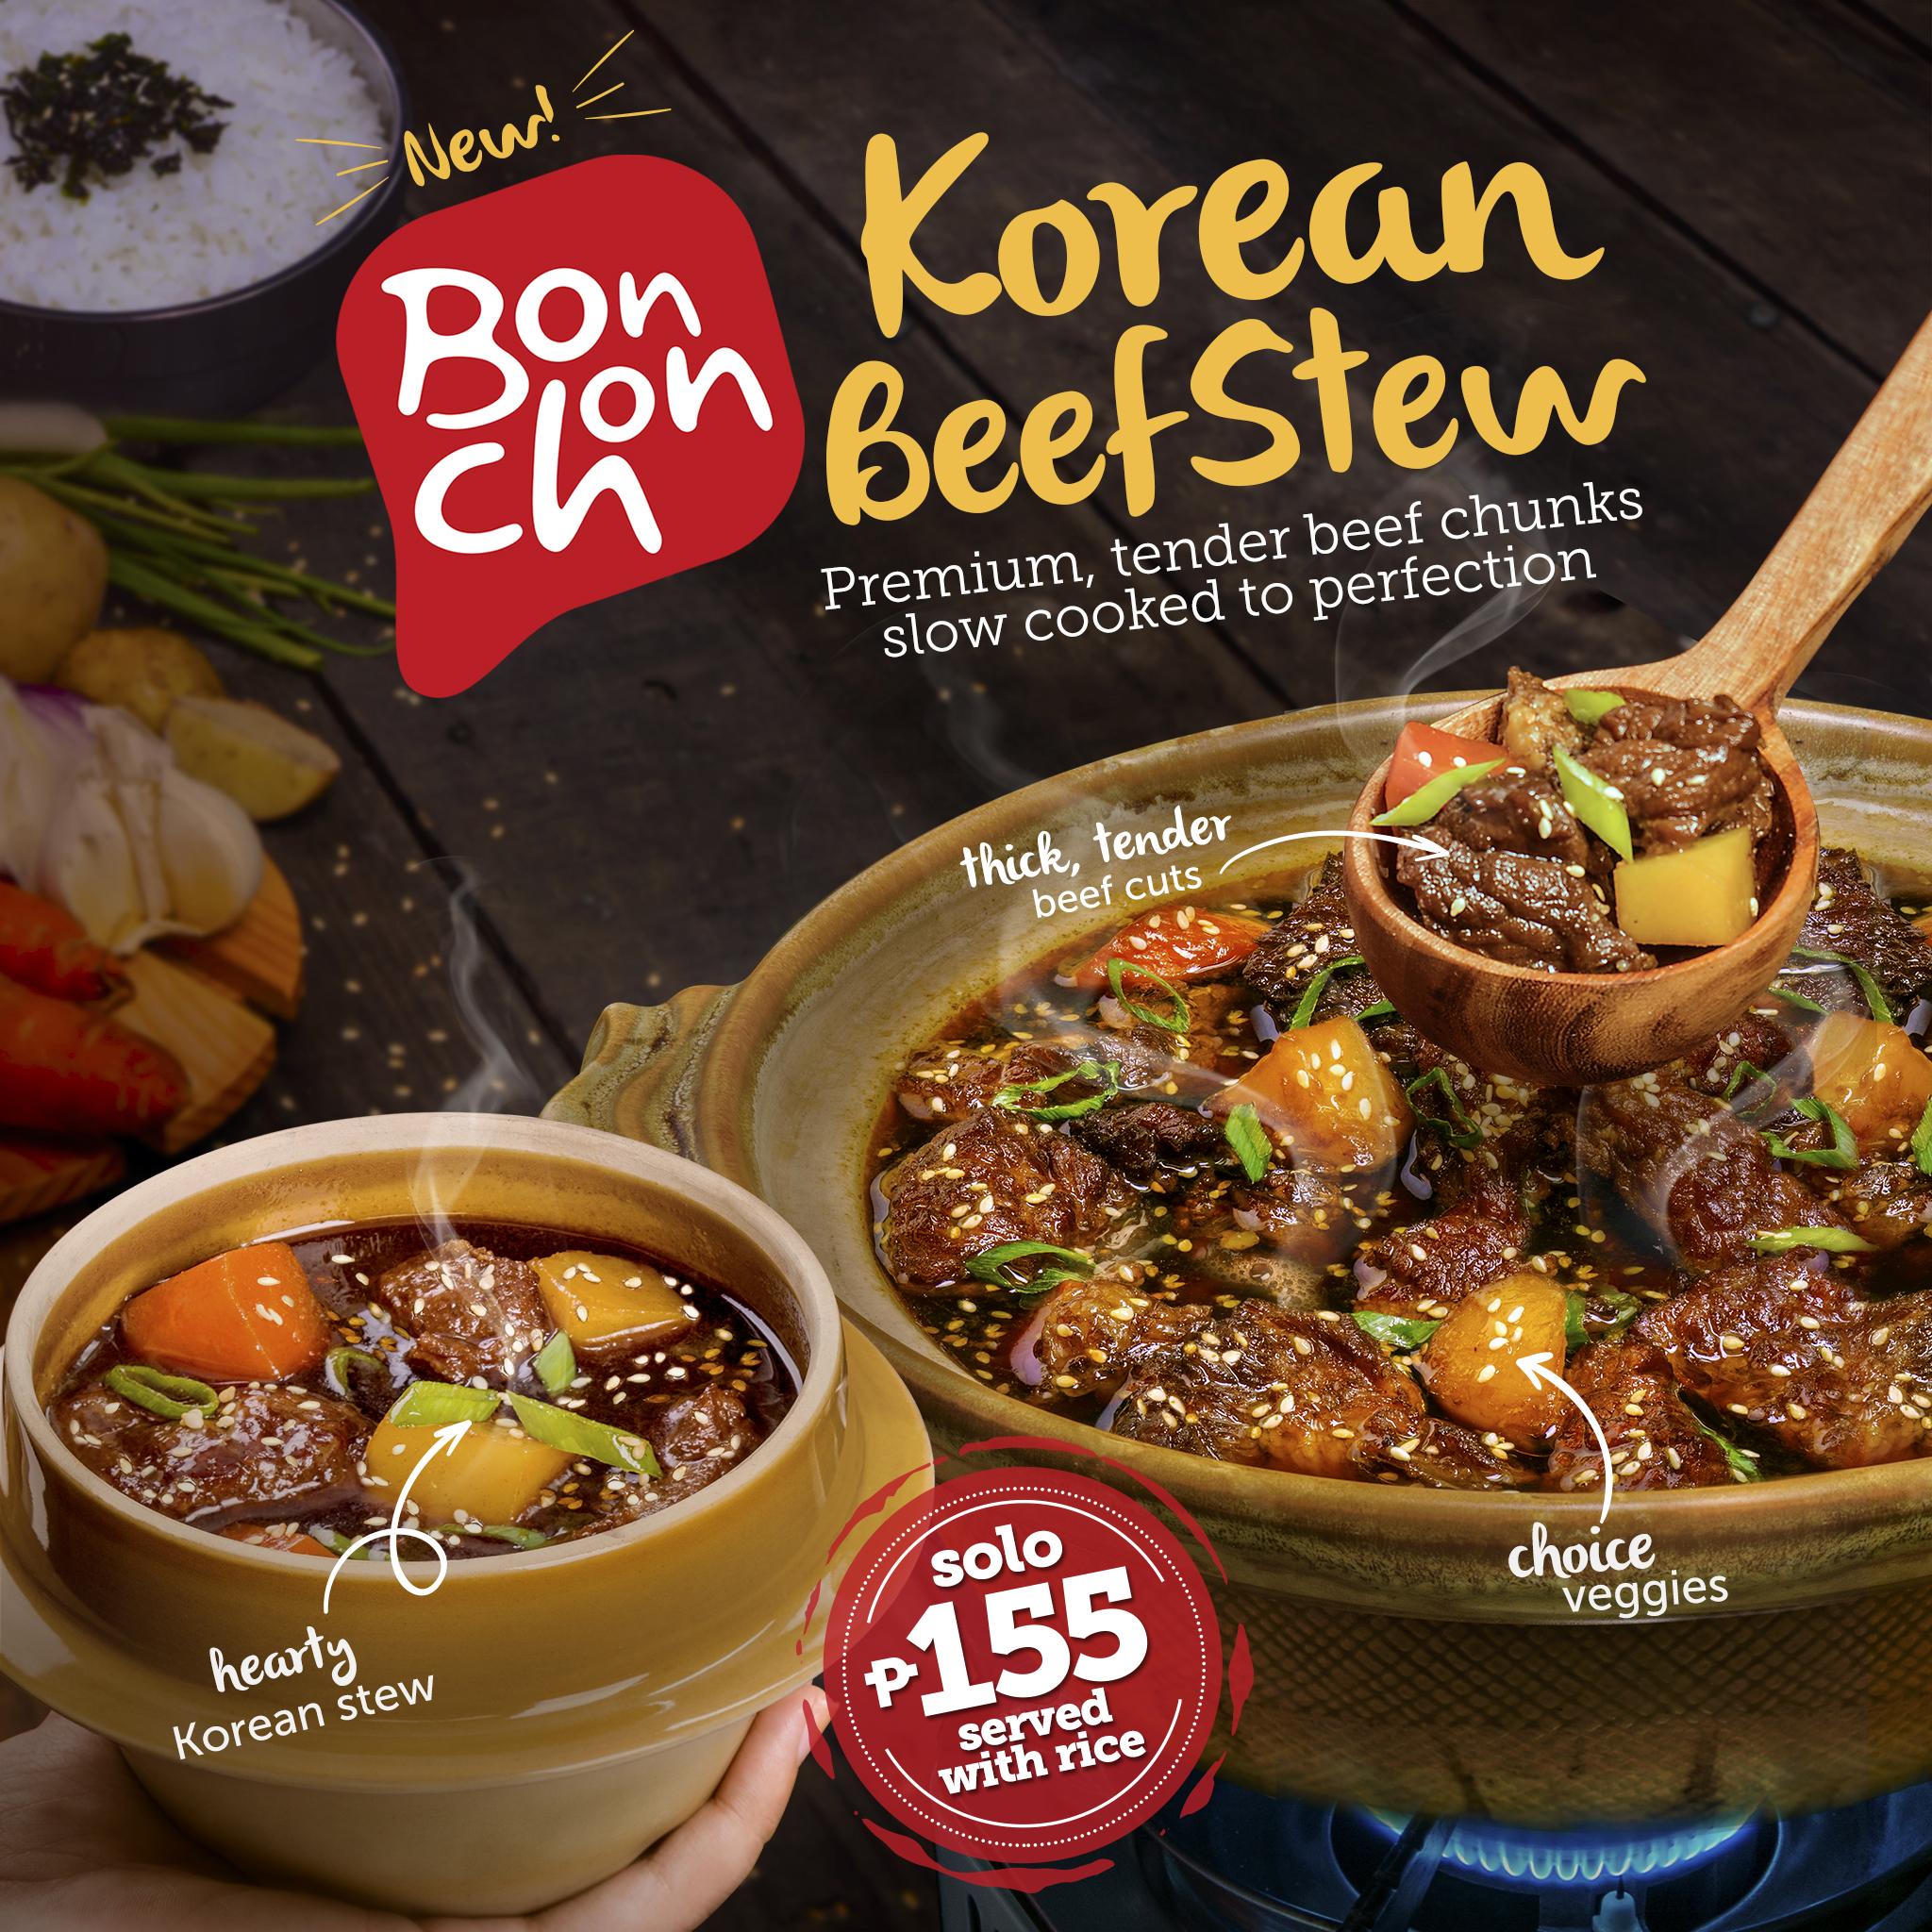 BonChon Korean Beef Stew